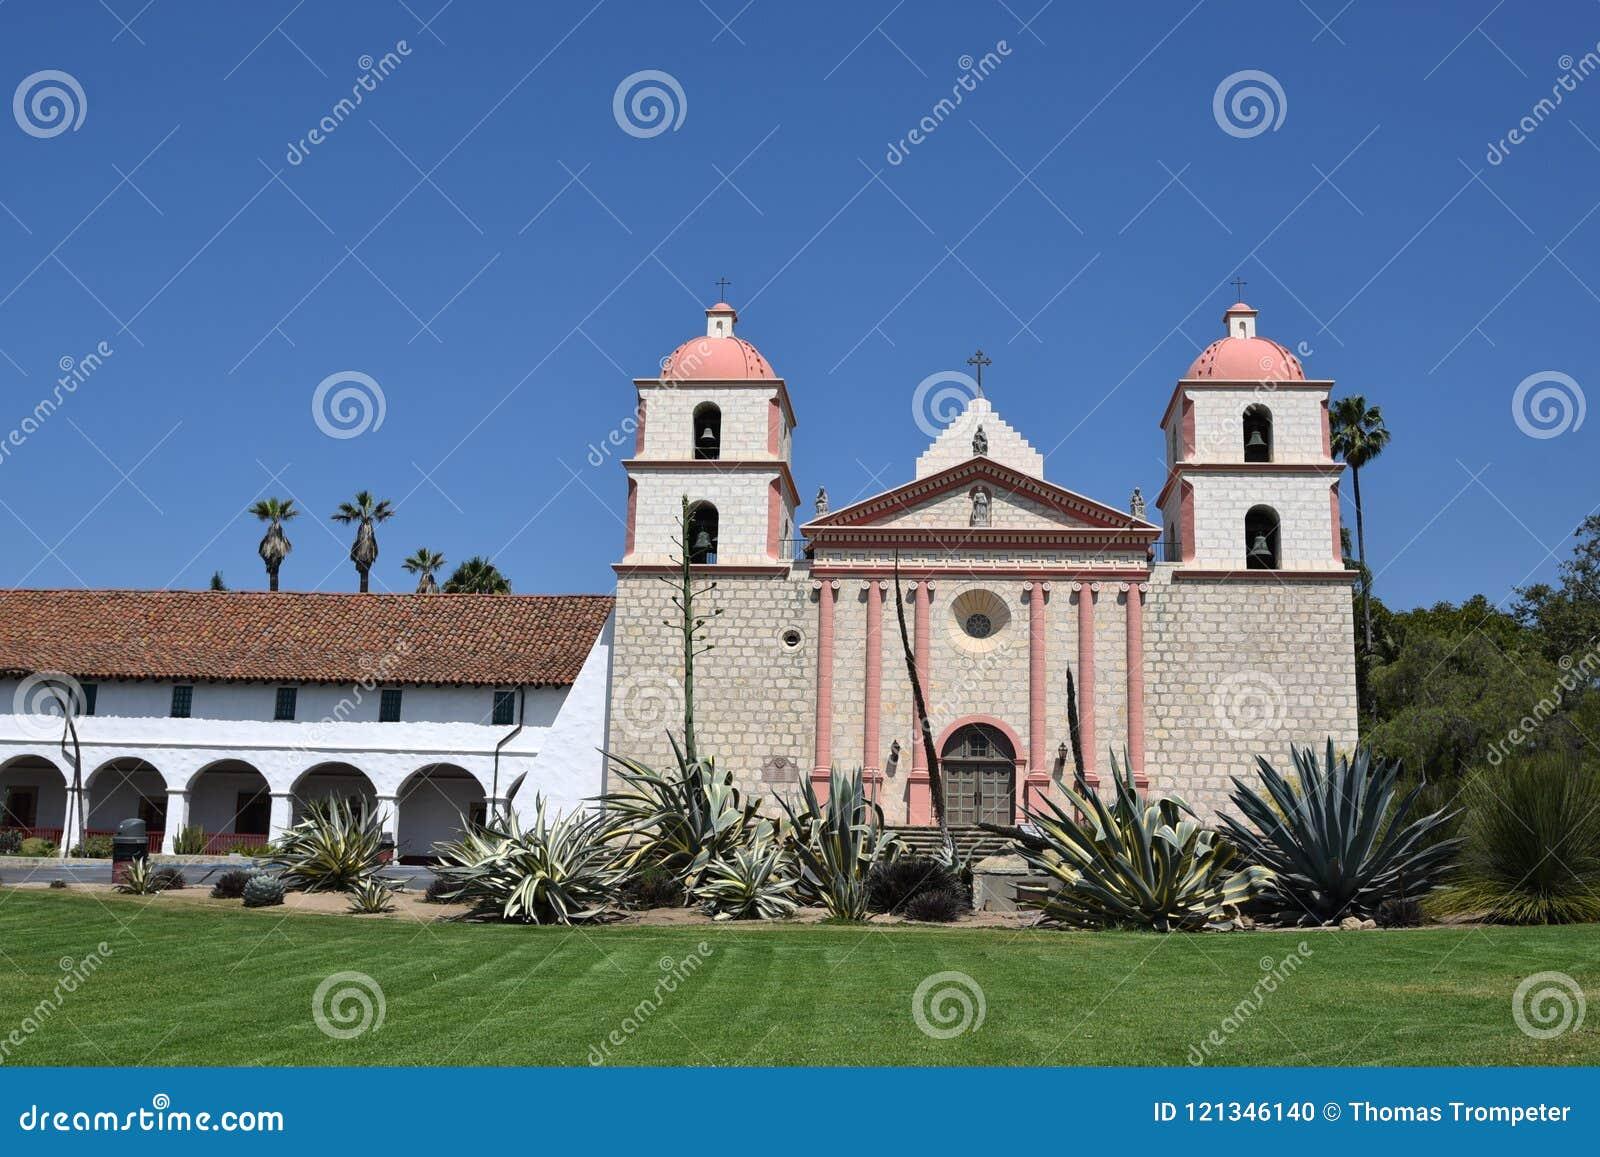 Santa Barbara Mission contra un cielo azul